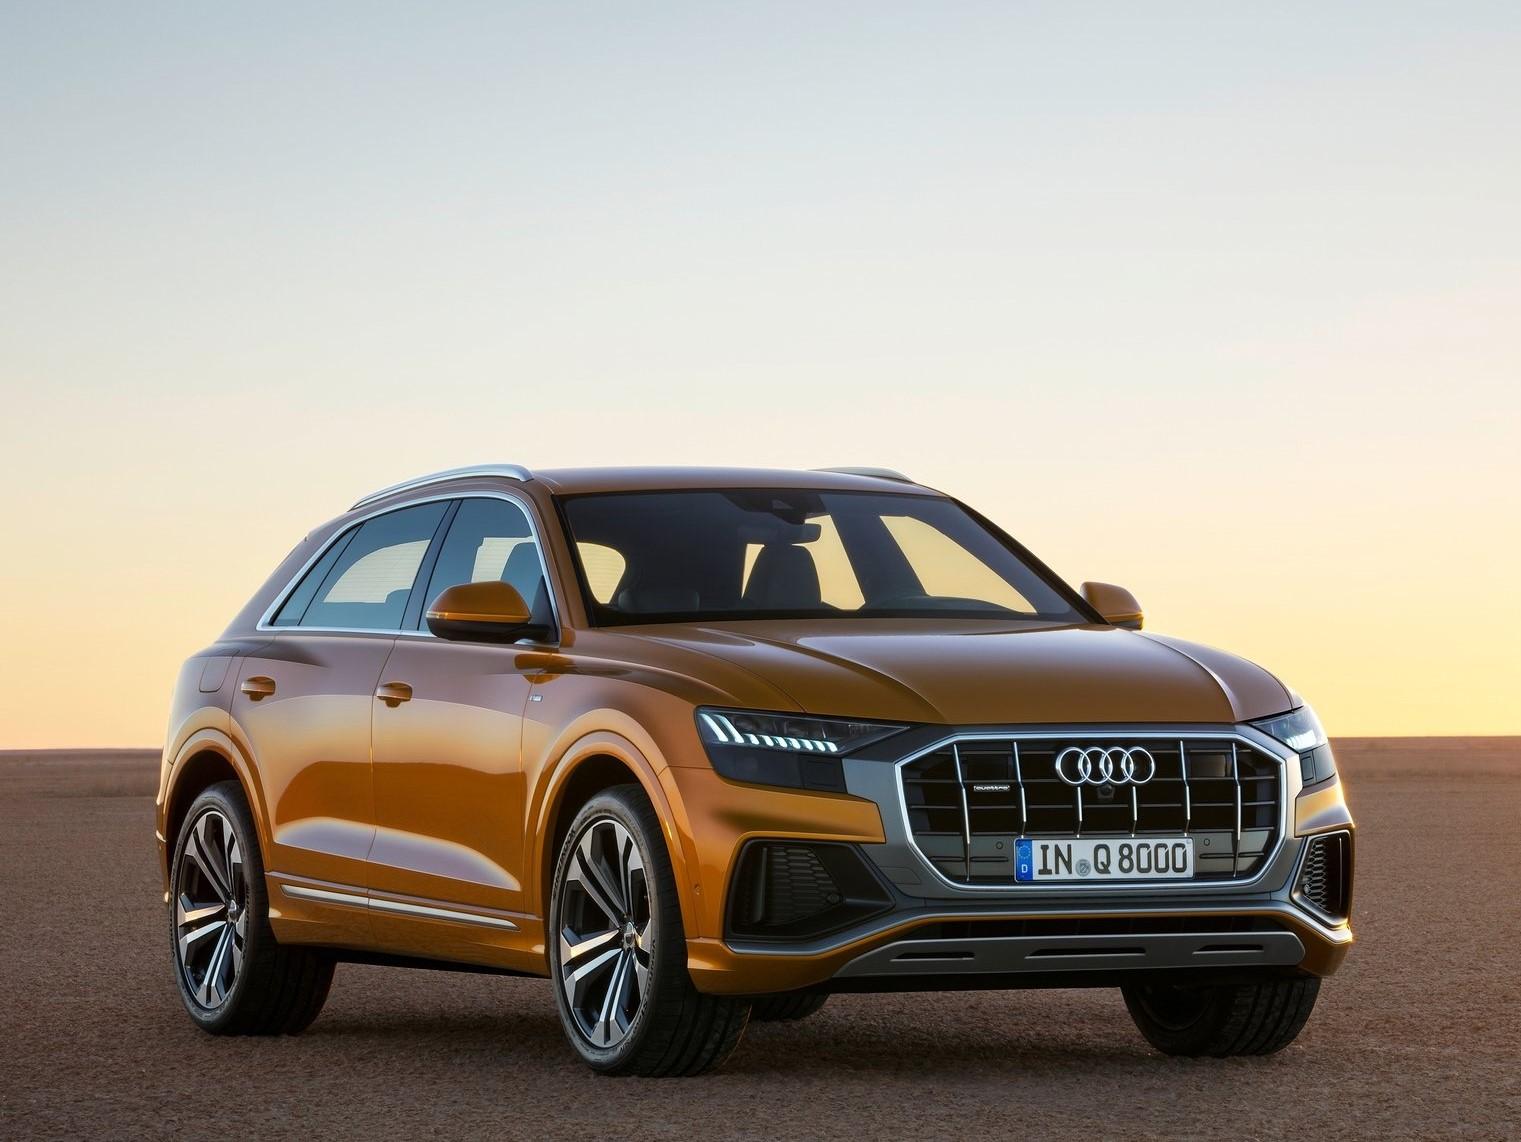 Audi Q8 : essais, fiabilité, avis, photos, prix